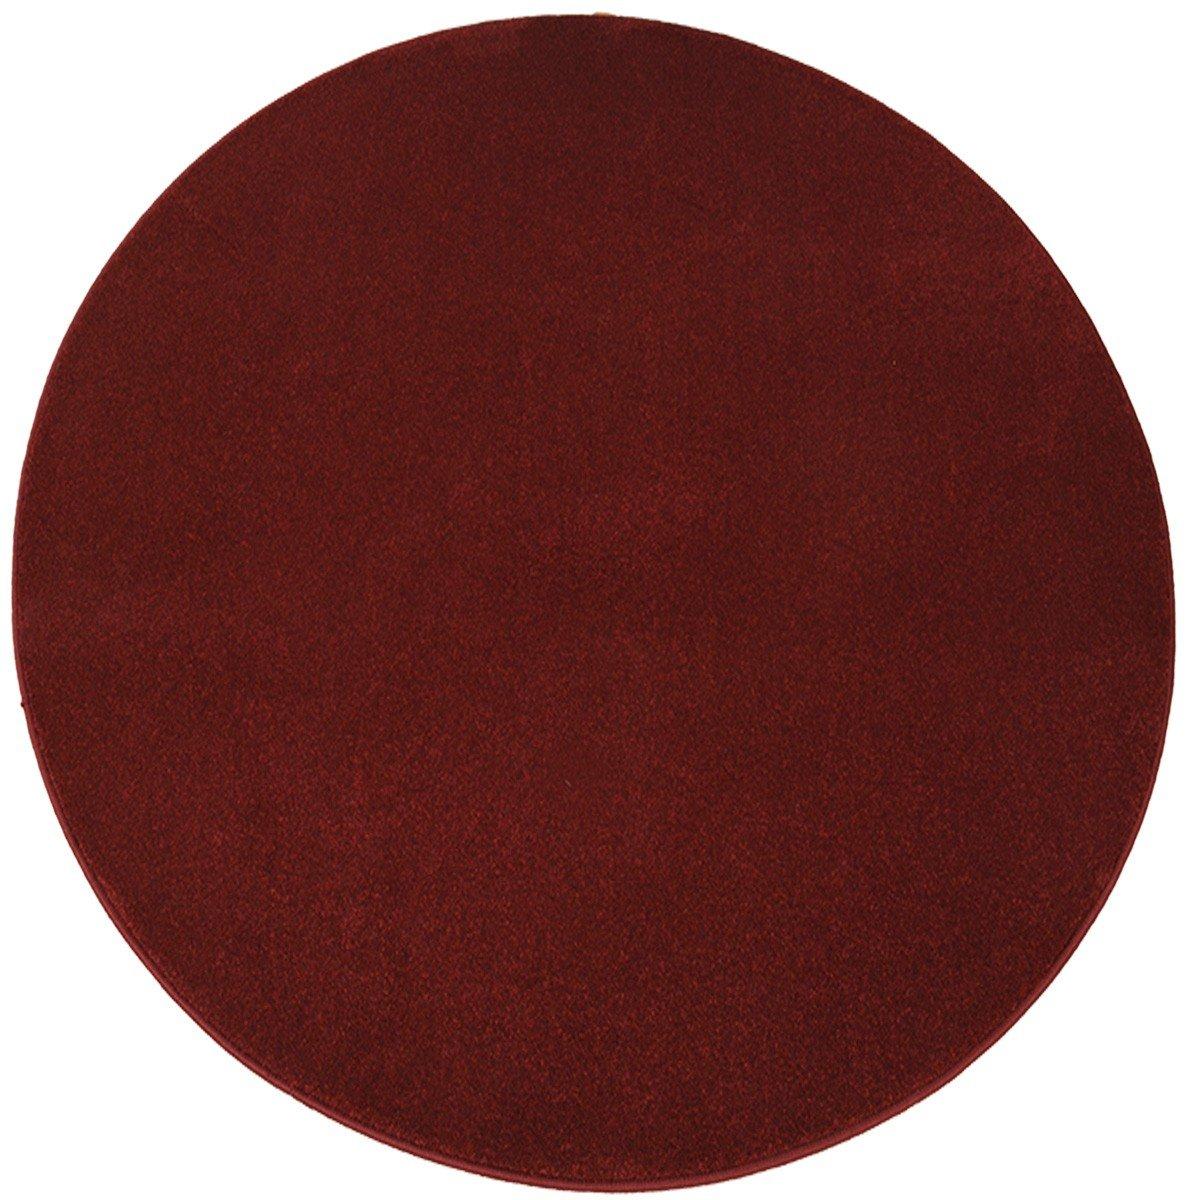 Havatex Luxus Velours Teppich Buffalo rund - elde melierte Farbauswahl   schadstoffgeprüft   robust & pflegeleicht   ideal für Wohnzimmer Schlafzimmer, Farbe Rot, Größe 133 cm rund